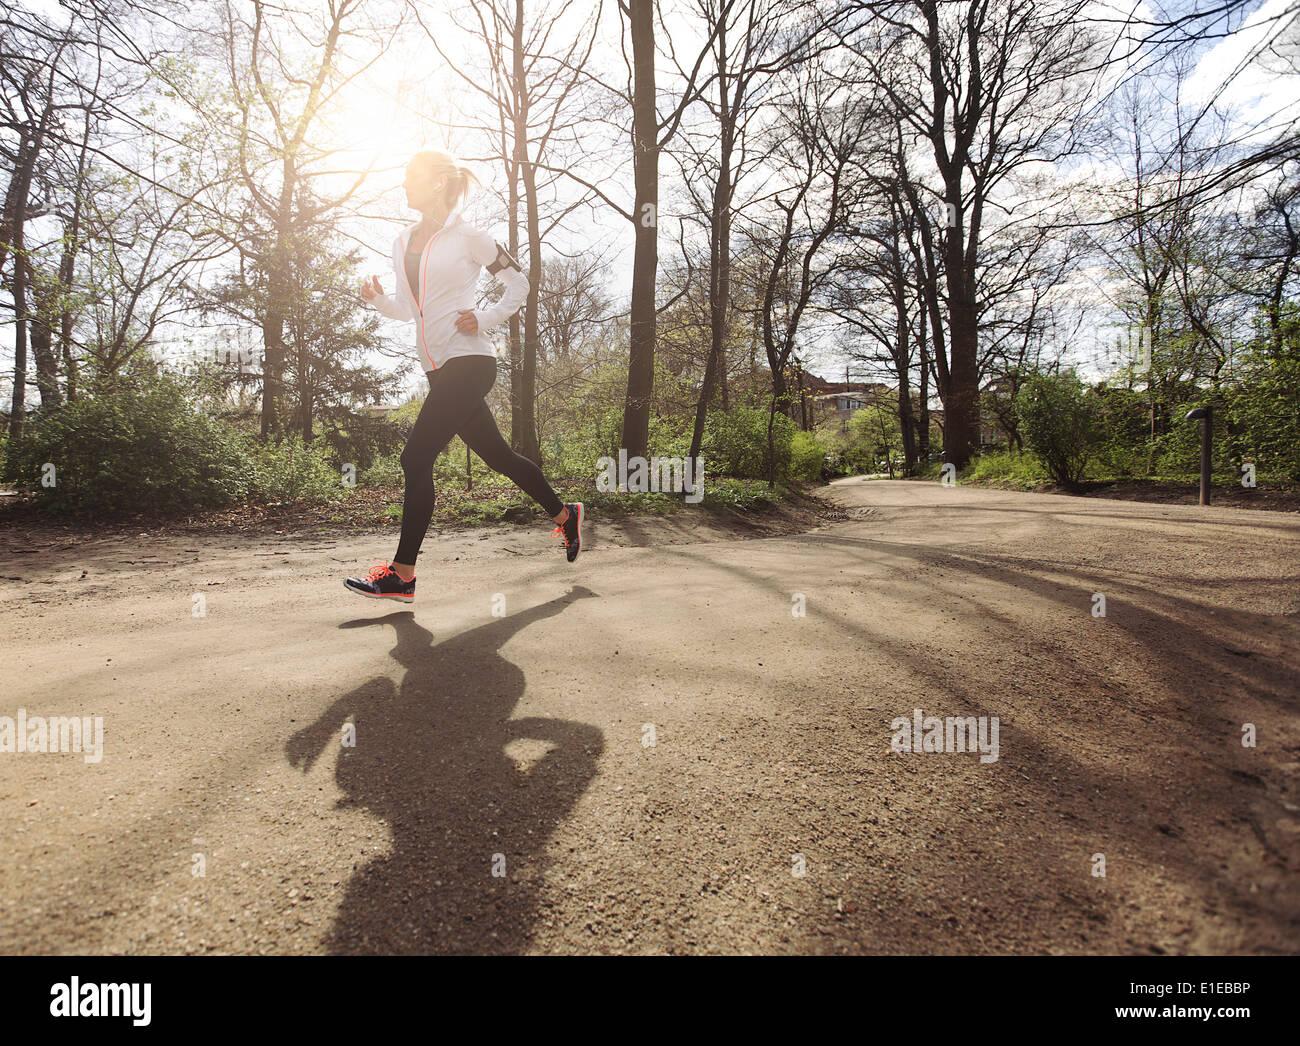 Gesunde junge Frau im Park Joggen. Fitness weibliches Modell in Wald laufen. Kaukasische Fitness-Modell Bewegung in der Natur. Stockbild